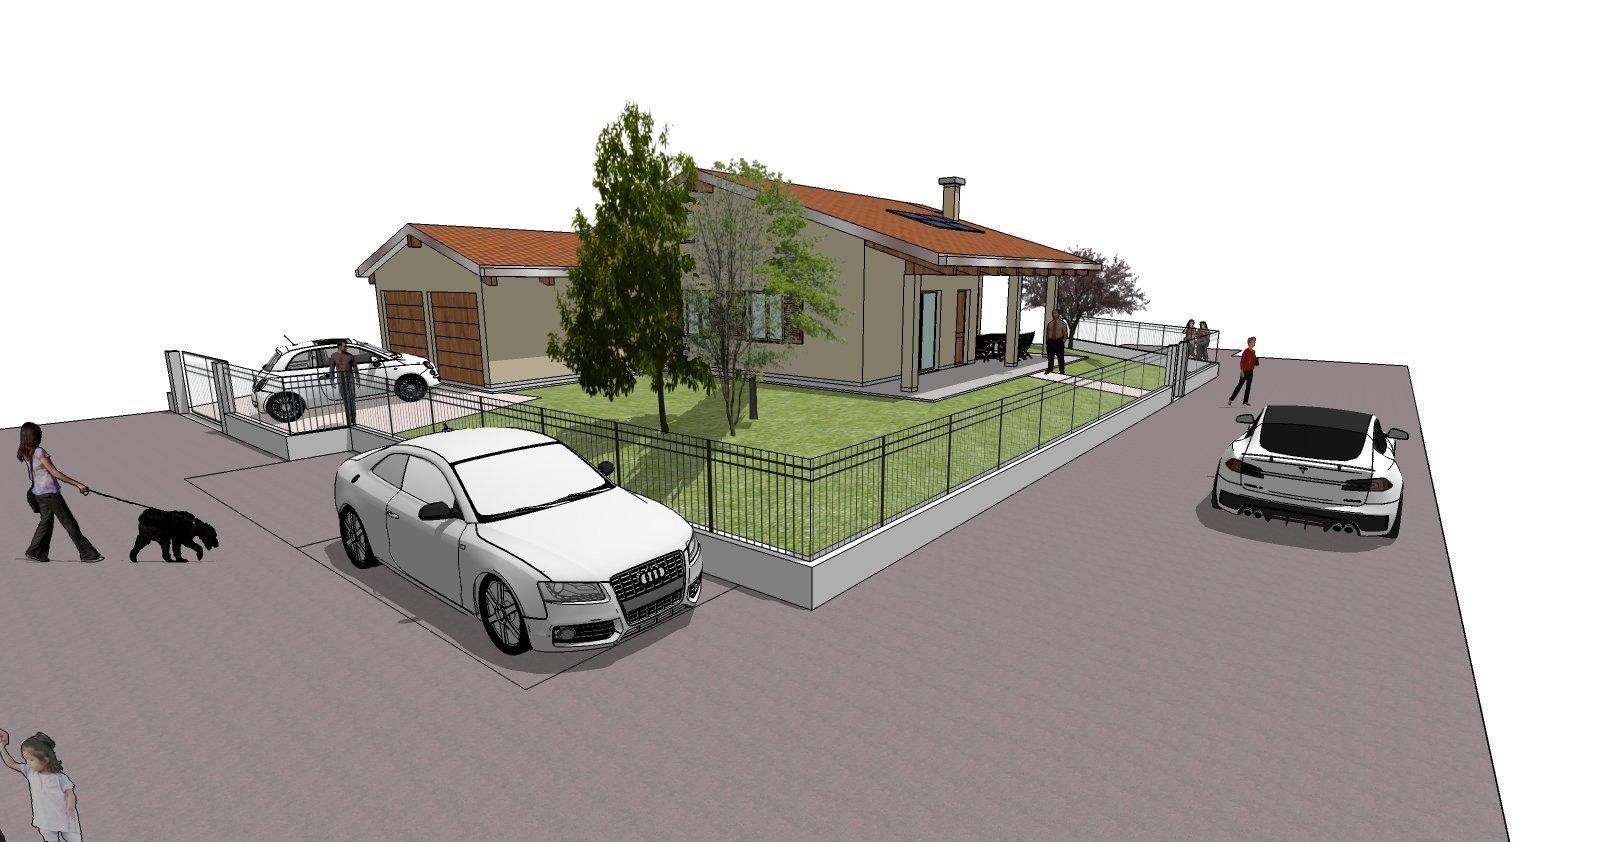 disegno bozza casa - parcheggio e strada